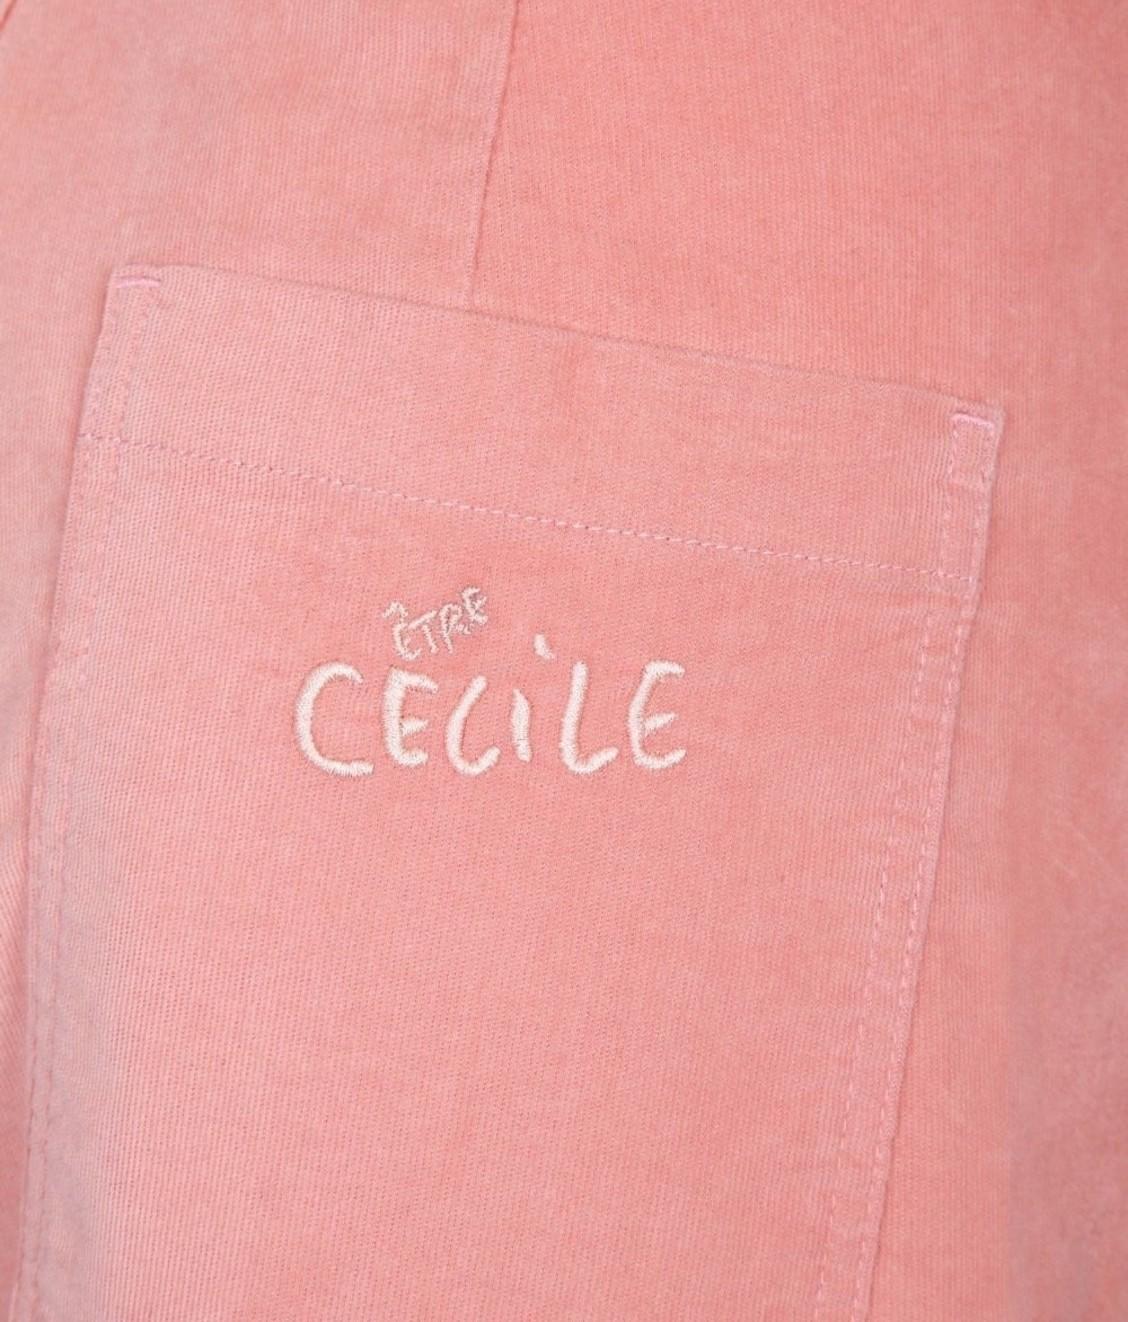 Etre Cecile Etre Cecile Eiffel Tower Alyssa Trousers